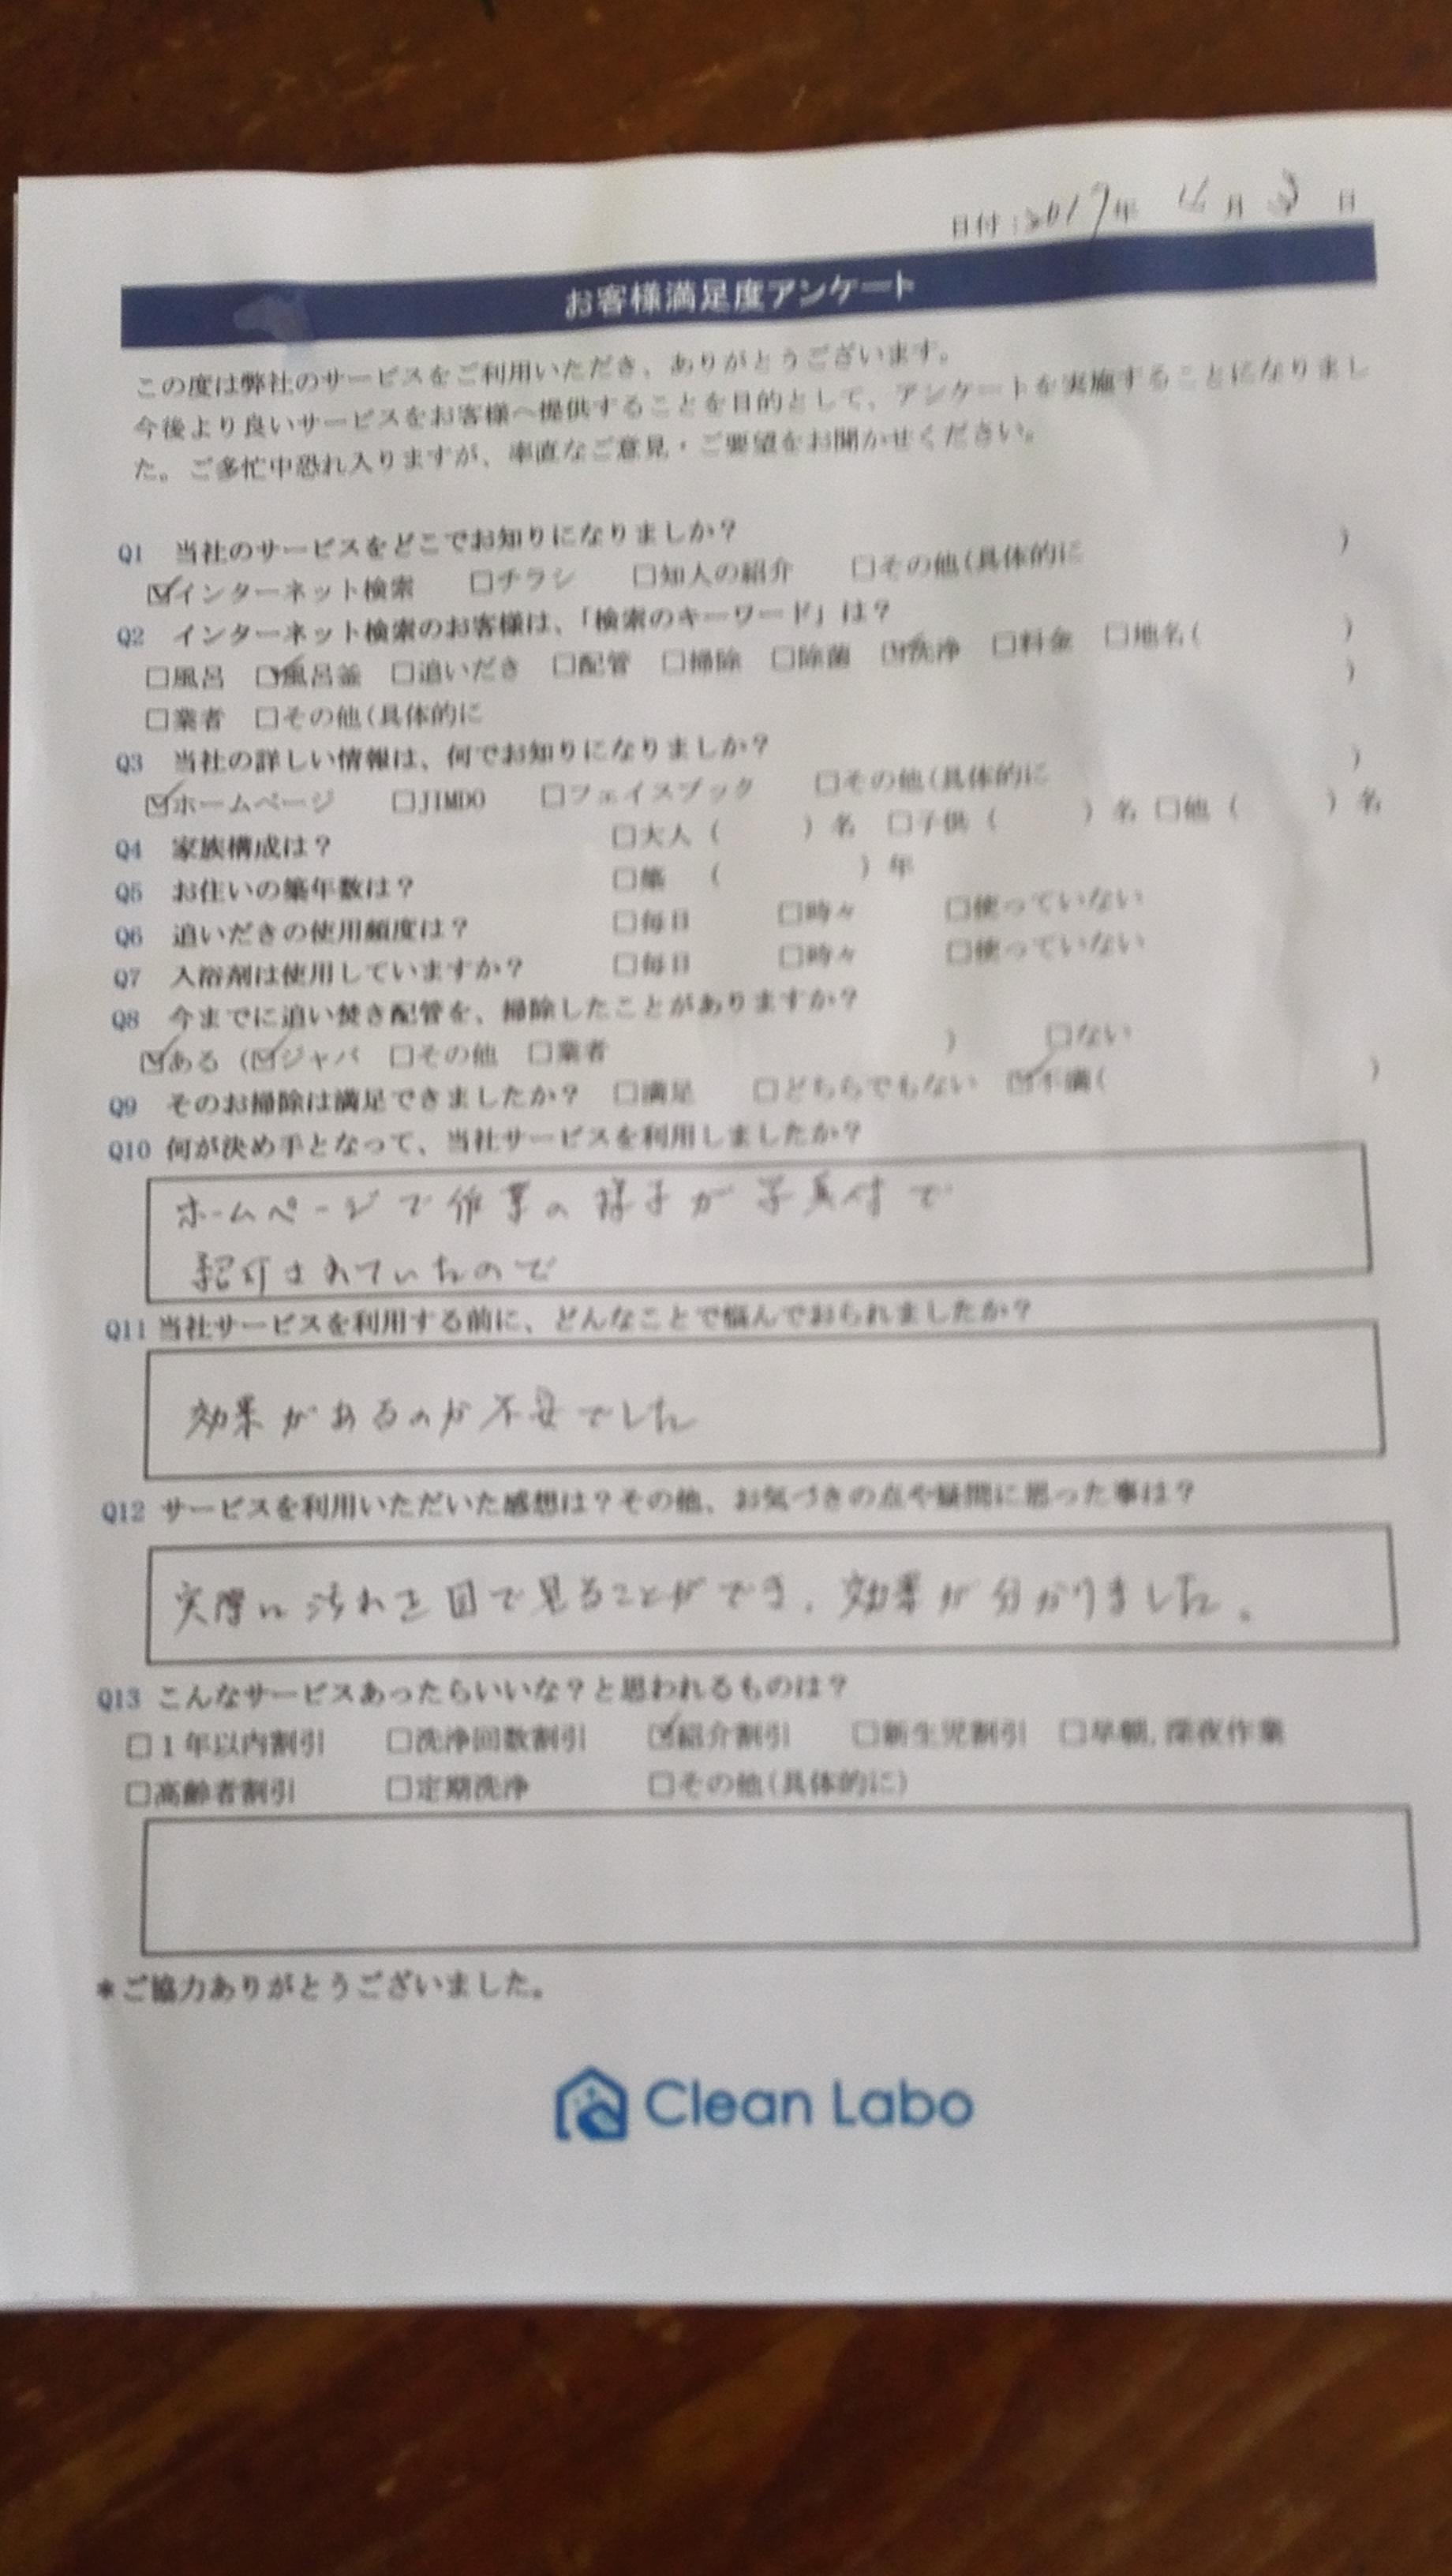 市川市K様風呂釜洗浄アンケート